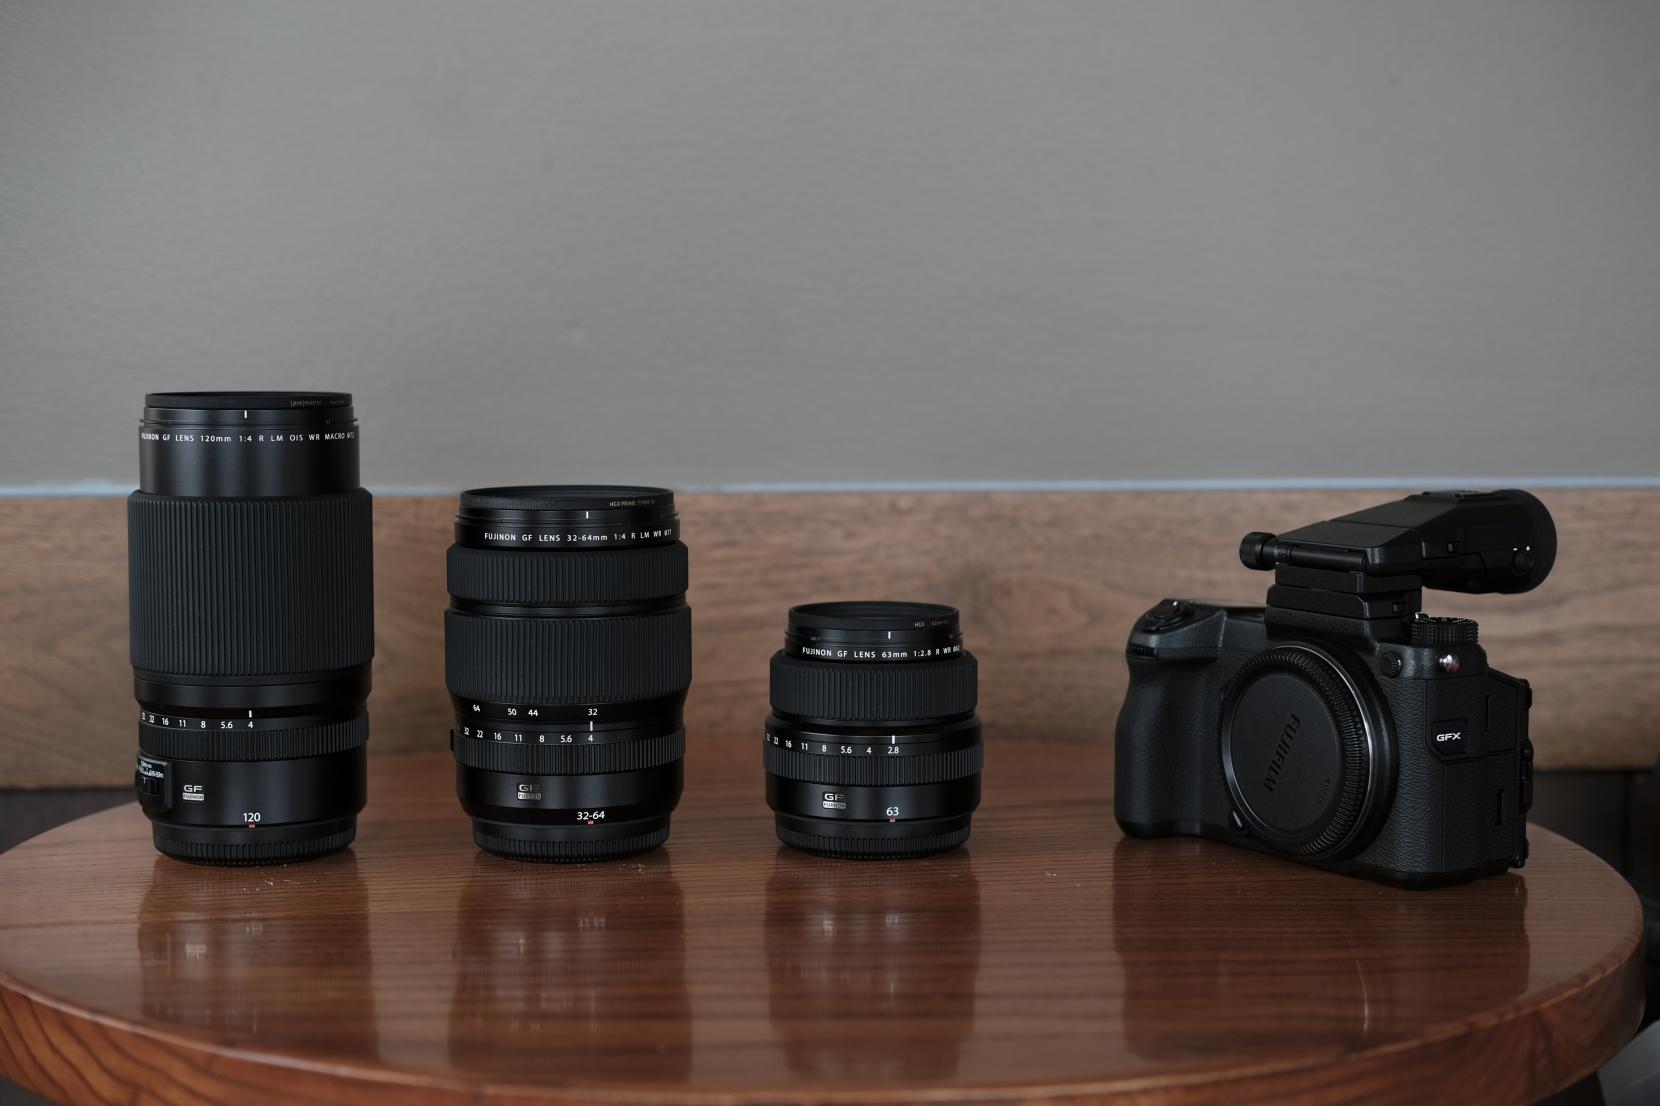 Fujifilm GFX 50s w- 32-64mm f-4, 63mm f-2.8, 120mm f-4